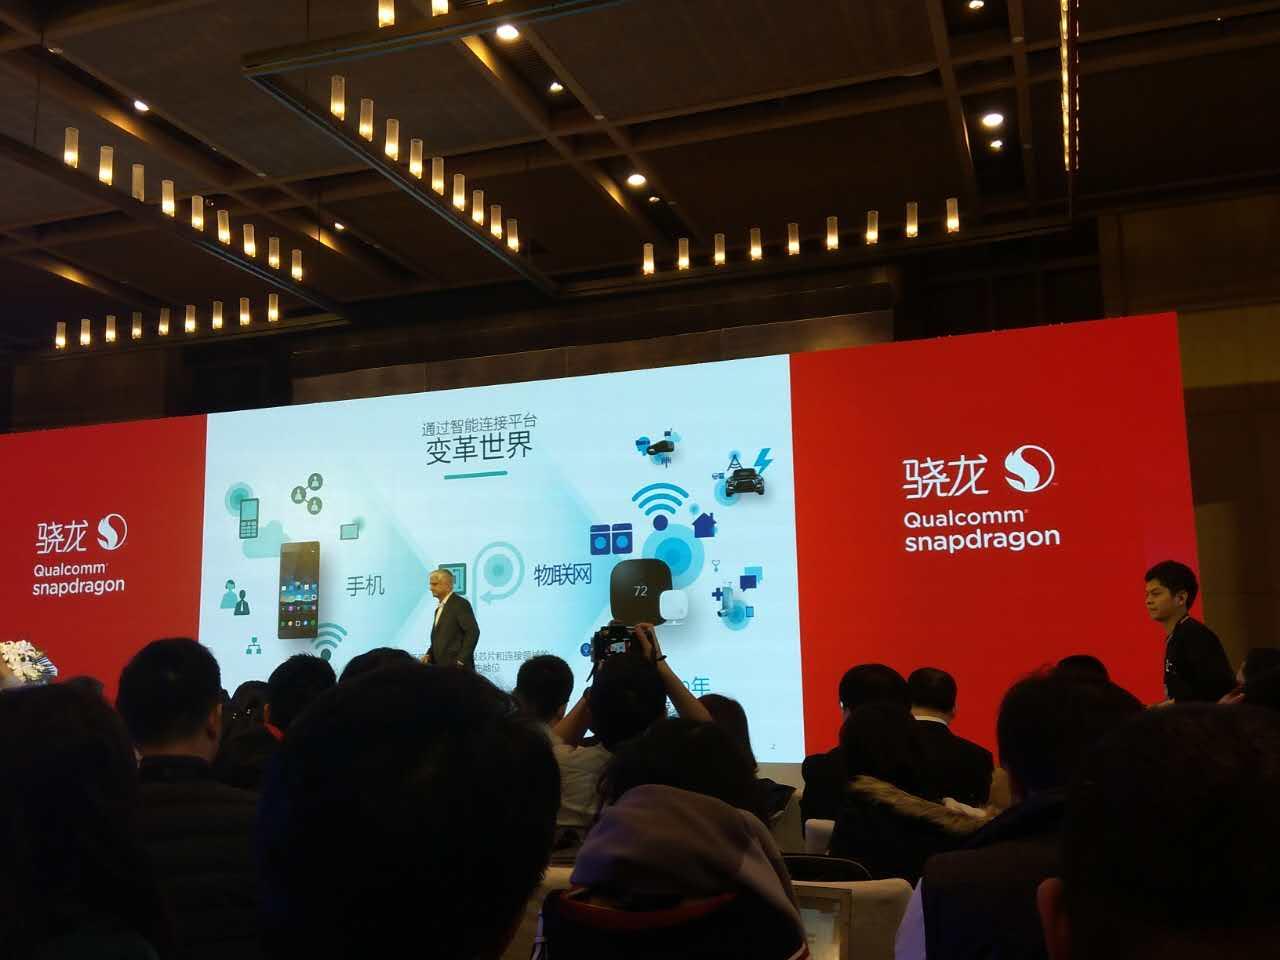 高通骁龙835芯片首次在亚洲亮相